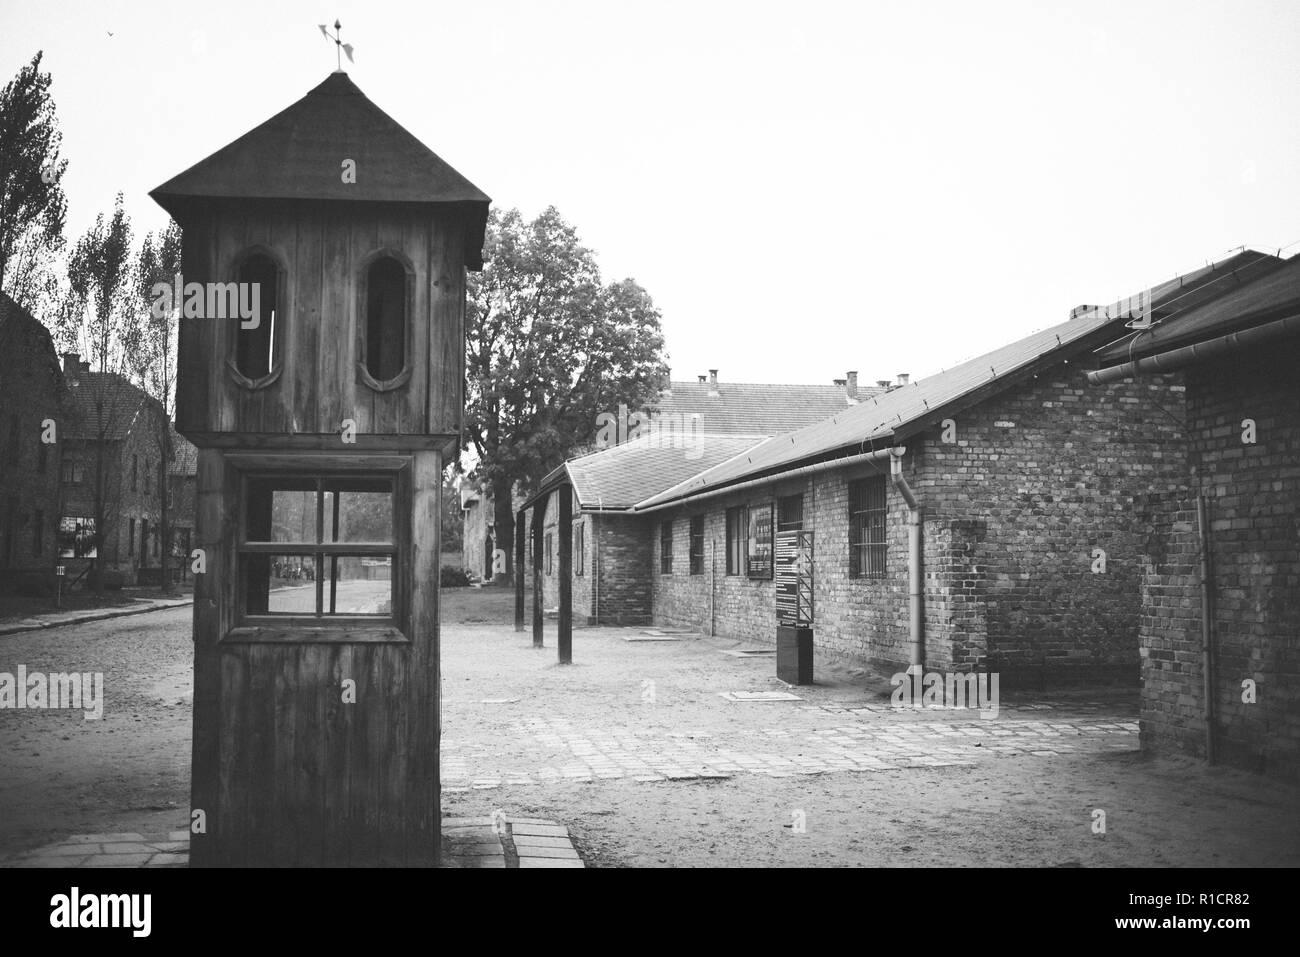 Auschwitz Nazi Konzentrations- und Vernichtungslager. Stand, wo die SS, die Anzahl der Gefangenen. Auschwitz, deutsch besetzten Polen, Europa Stockbild